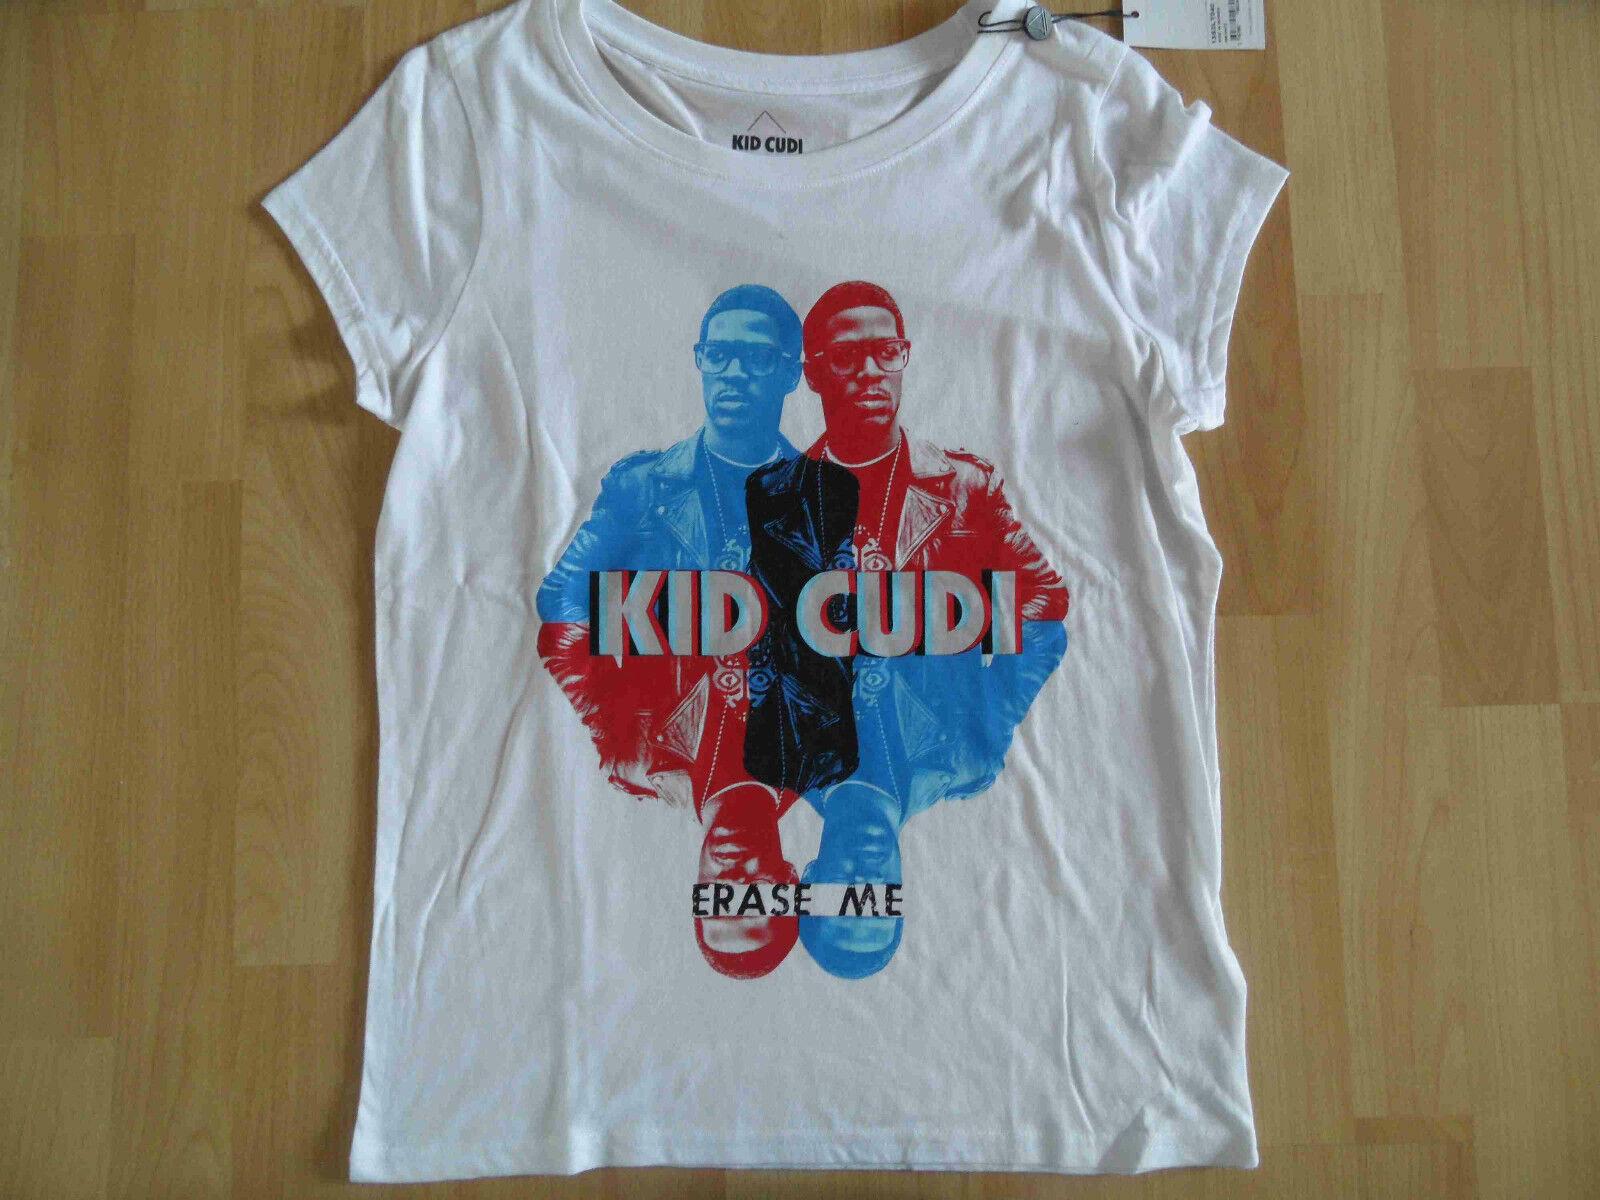 ELEVEN ELEVEN ELEVEN PARIS schönes Shirt KIDC Kid Cudi weiß Gr. S NEU cc0310